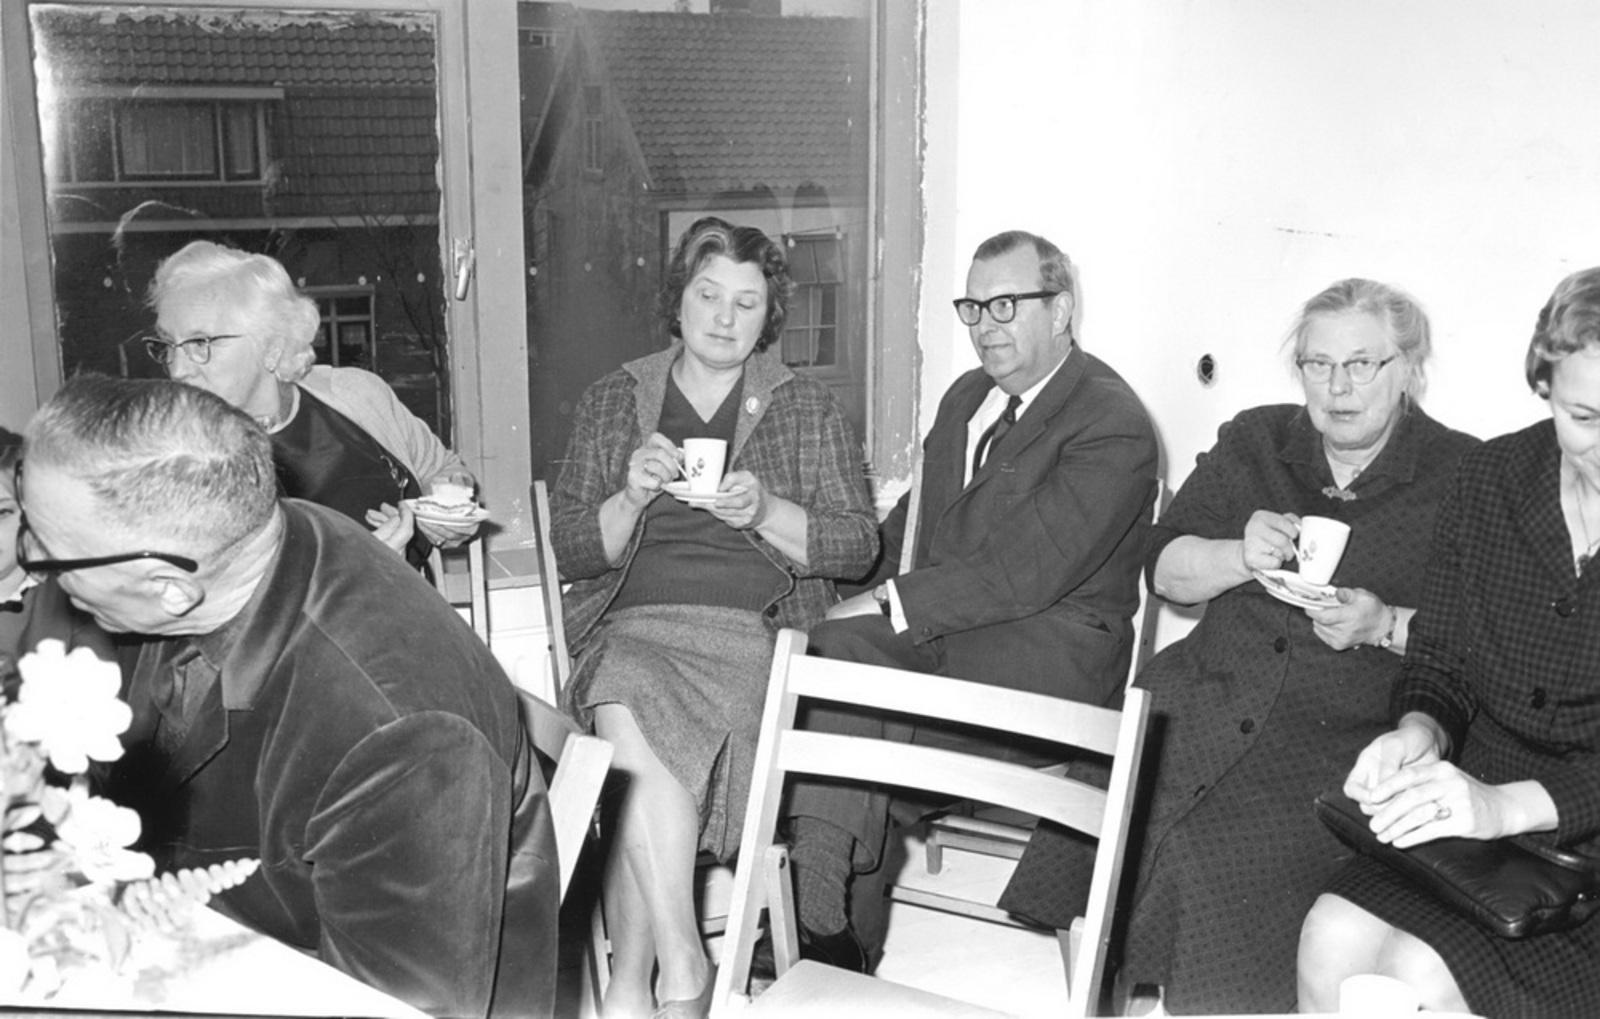 Marktlaan O 0022 1963 Opening Nieuwe Winkel Kraak 03